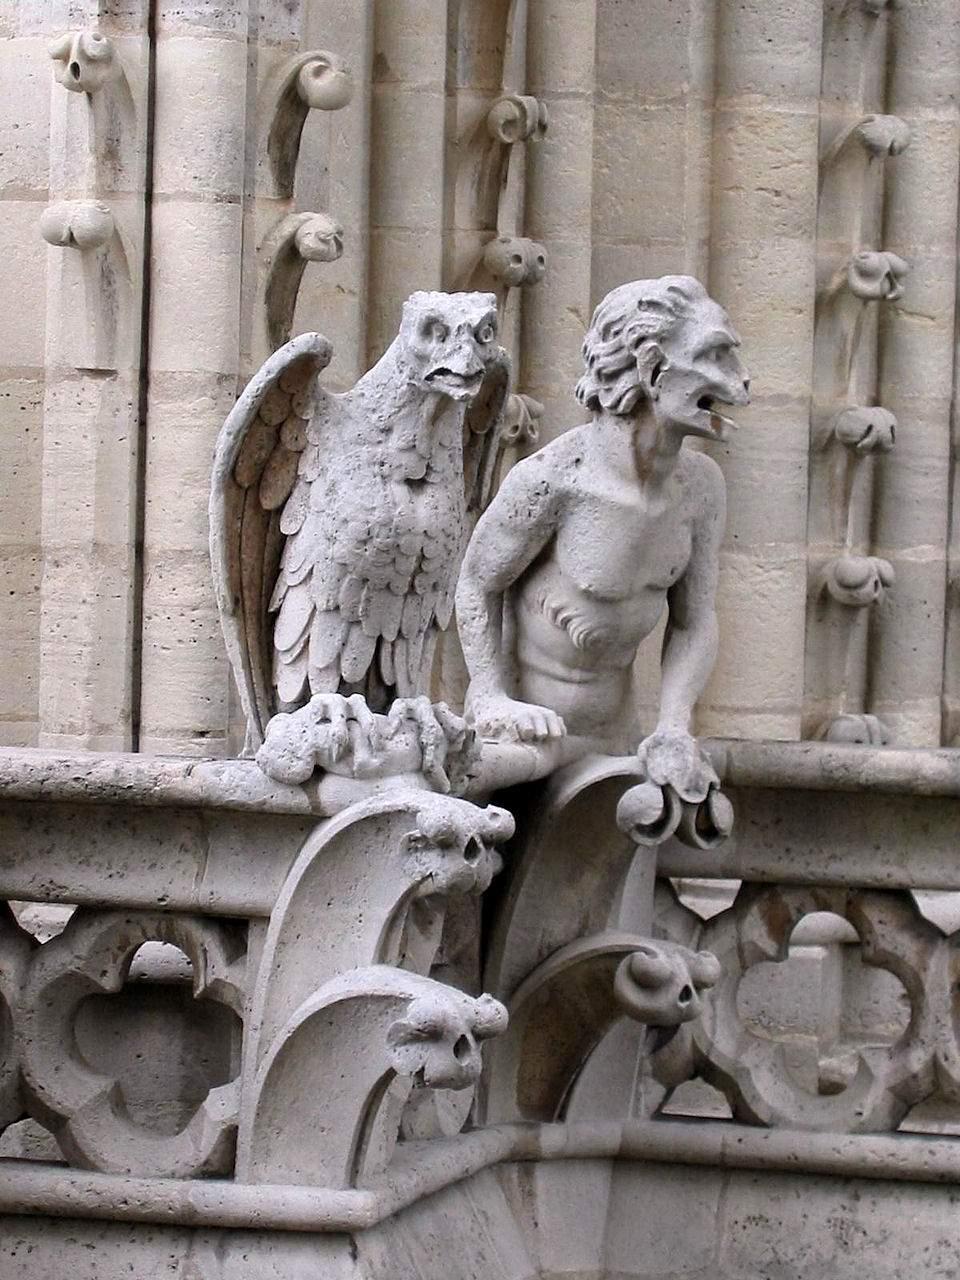 Gargouilles de Notre Dame de París. Esses seres quiméricos lembram a presença do demônio tentando assaltar os homens nos locais menos esperados.